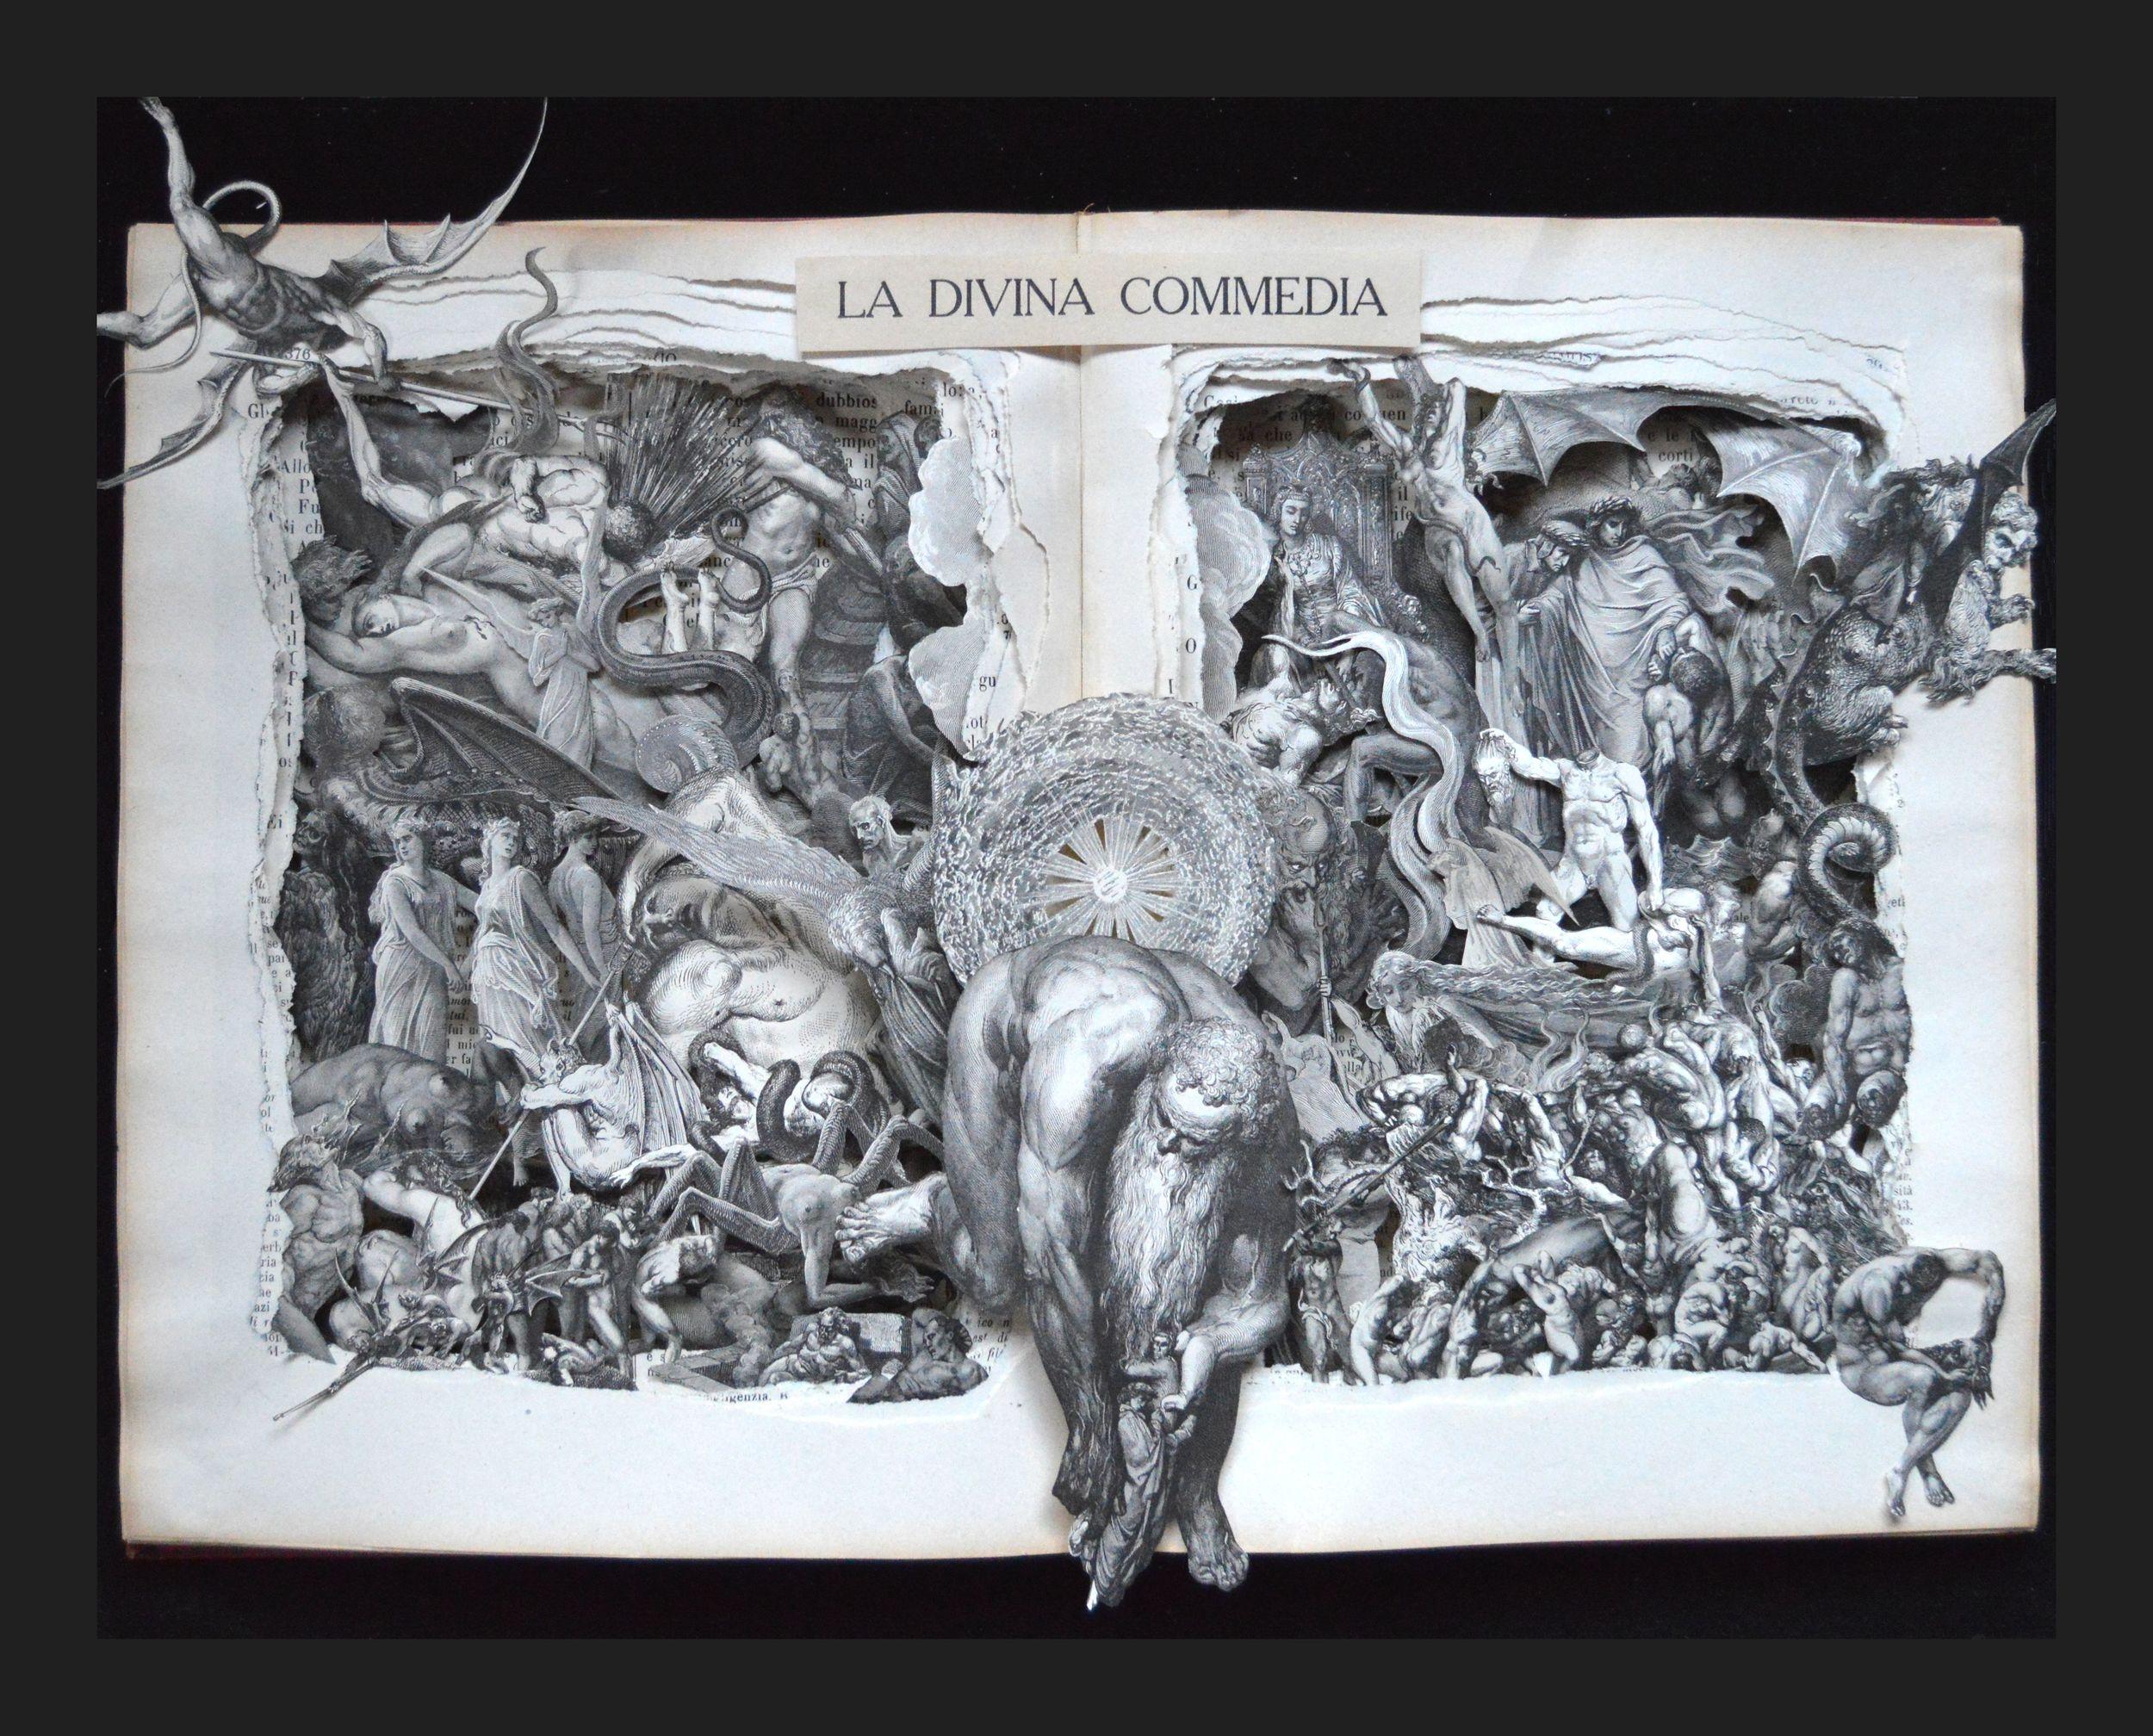 16x20x3 The Divine Comedy